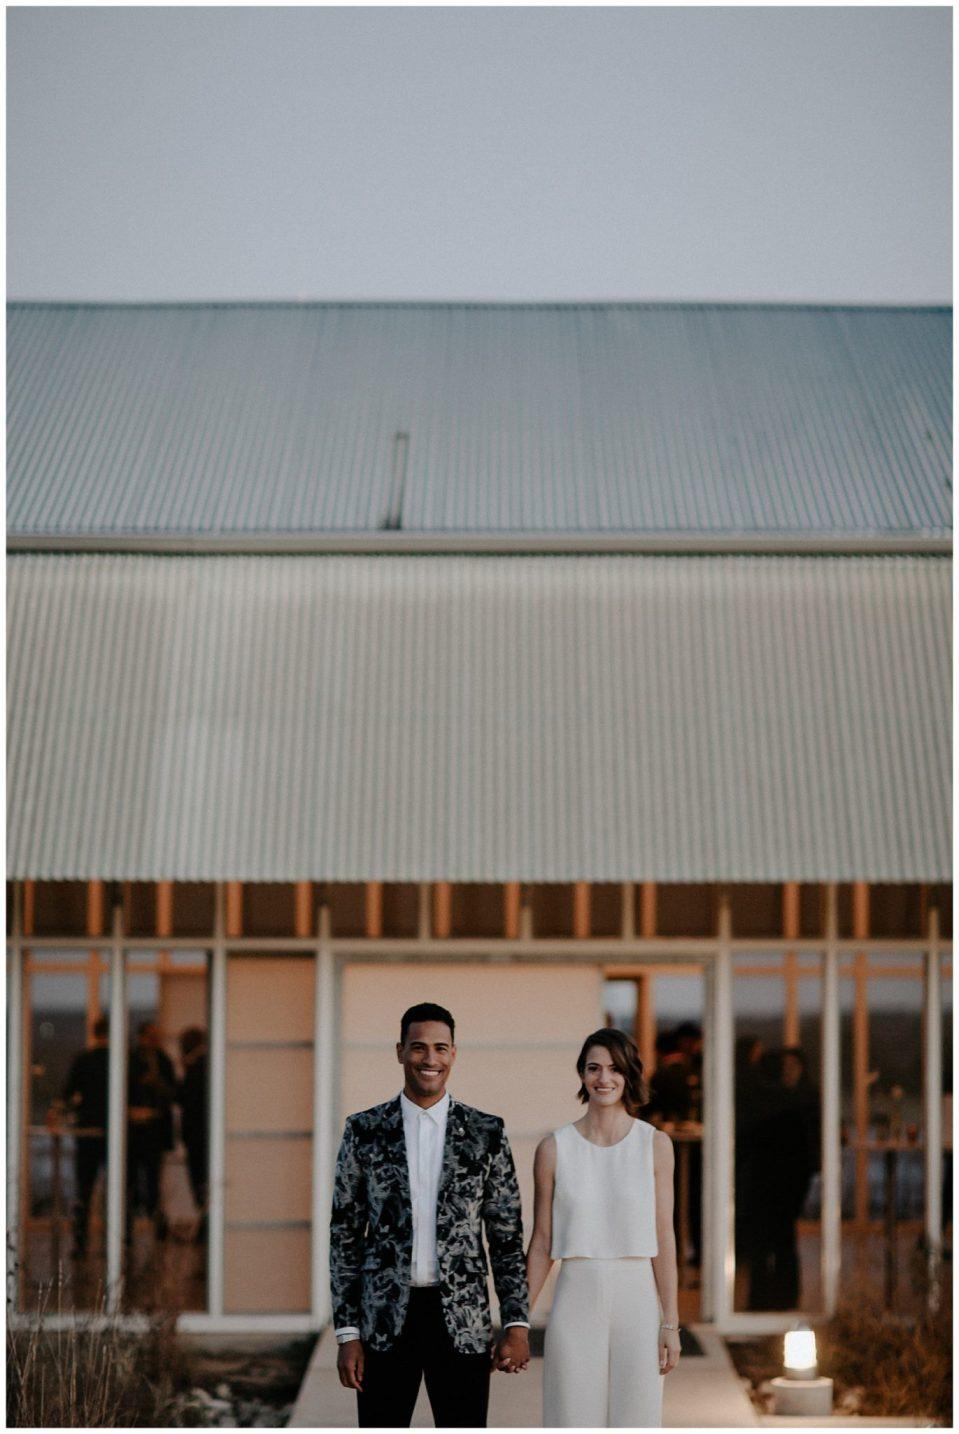 katy-devin-sullivan-and-sullivan (74 of 98)_seattle wedding.jpg